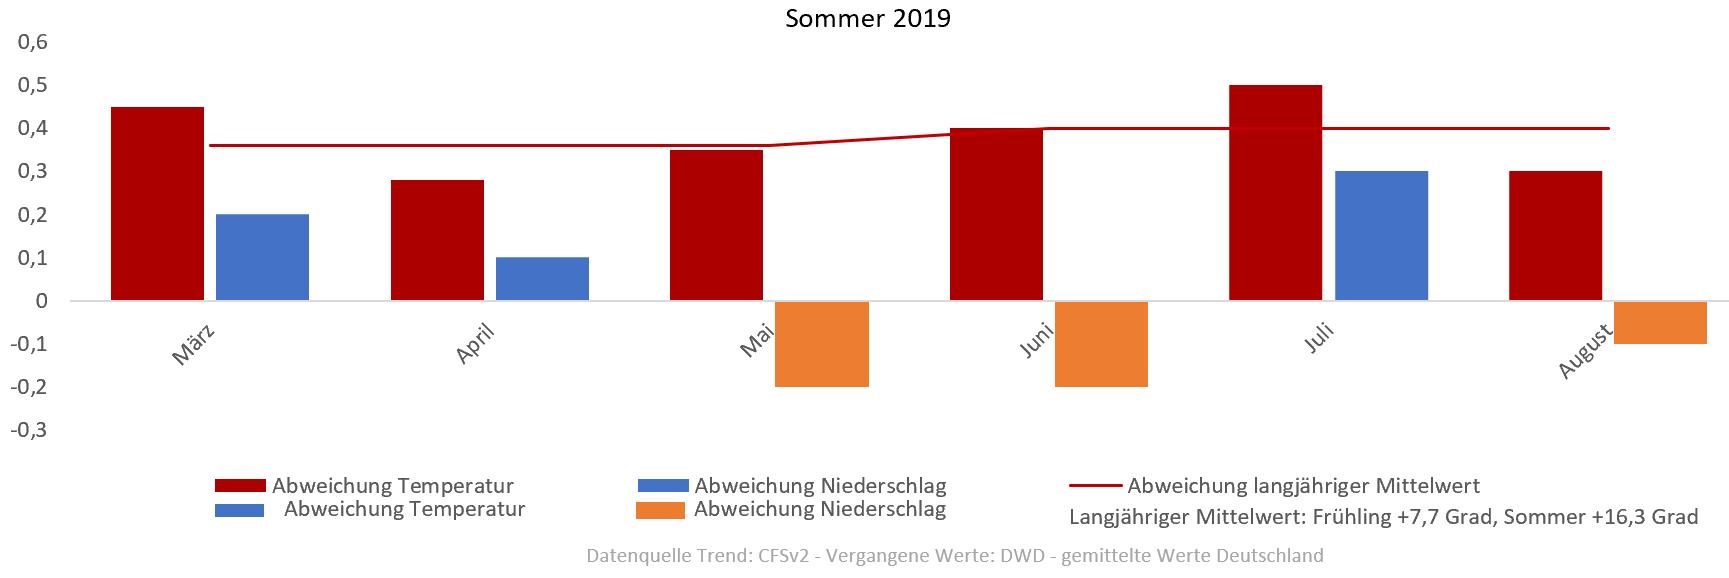 prognose sommer 2019